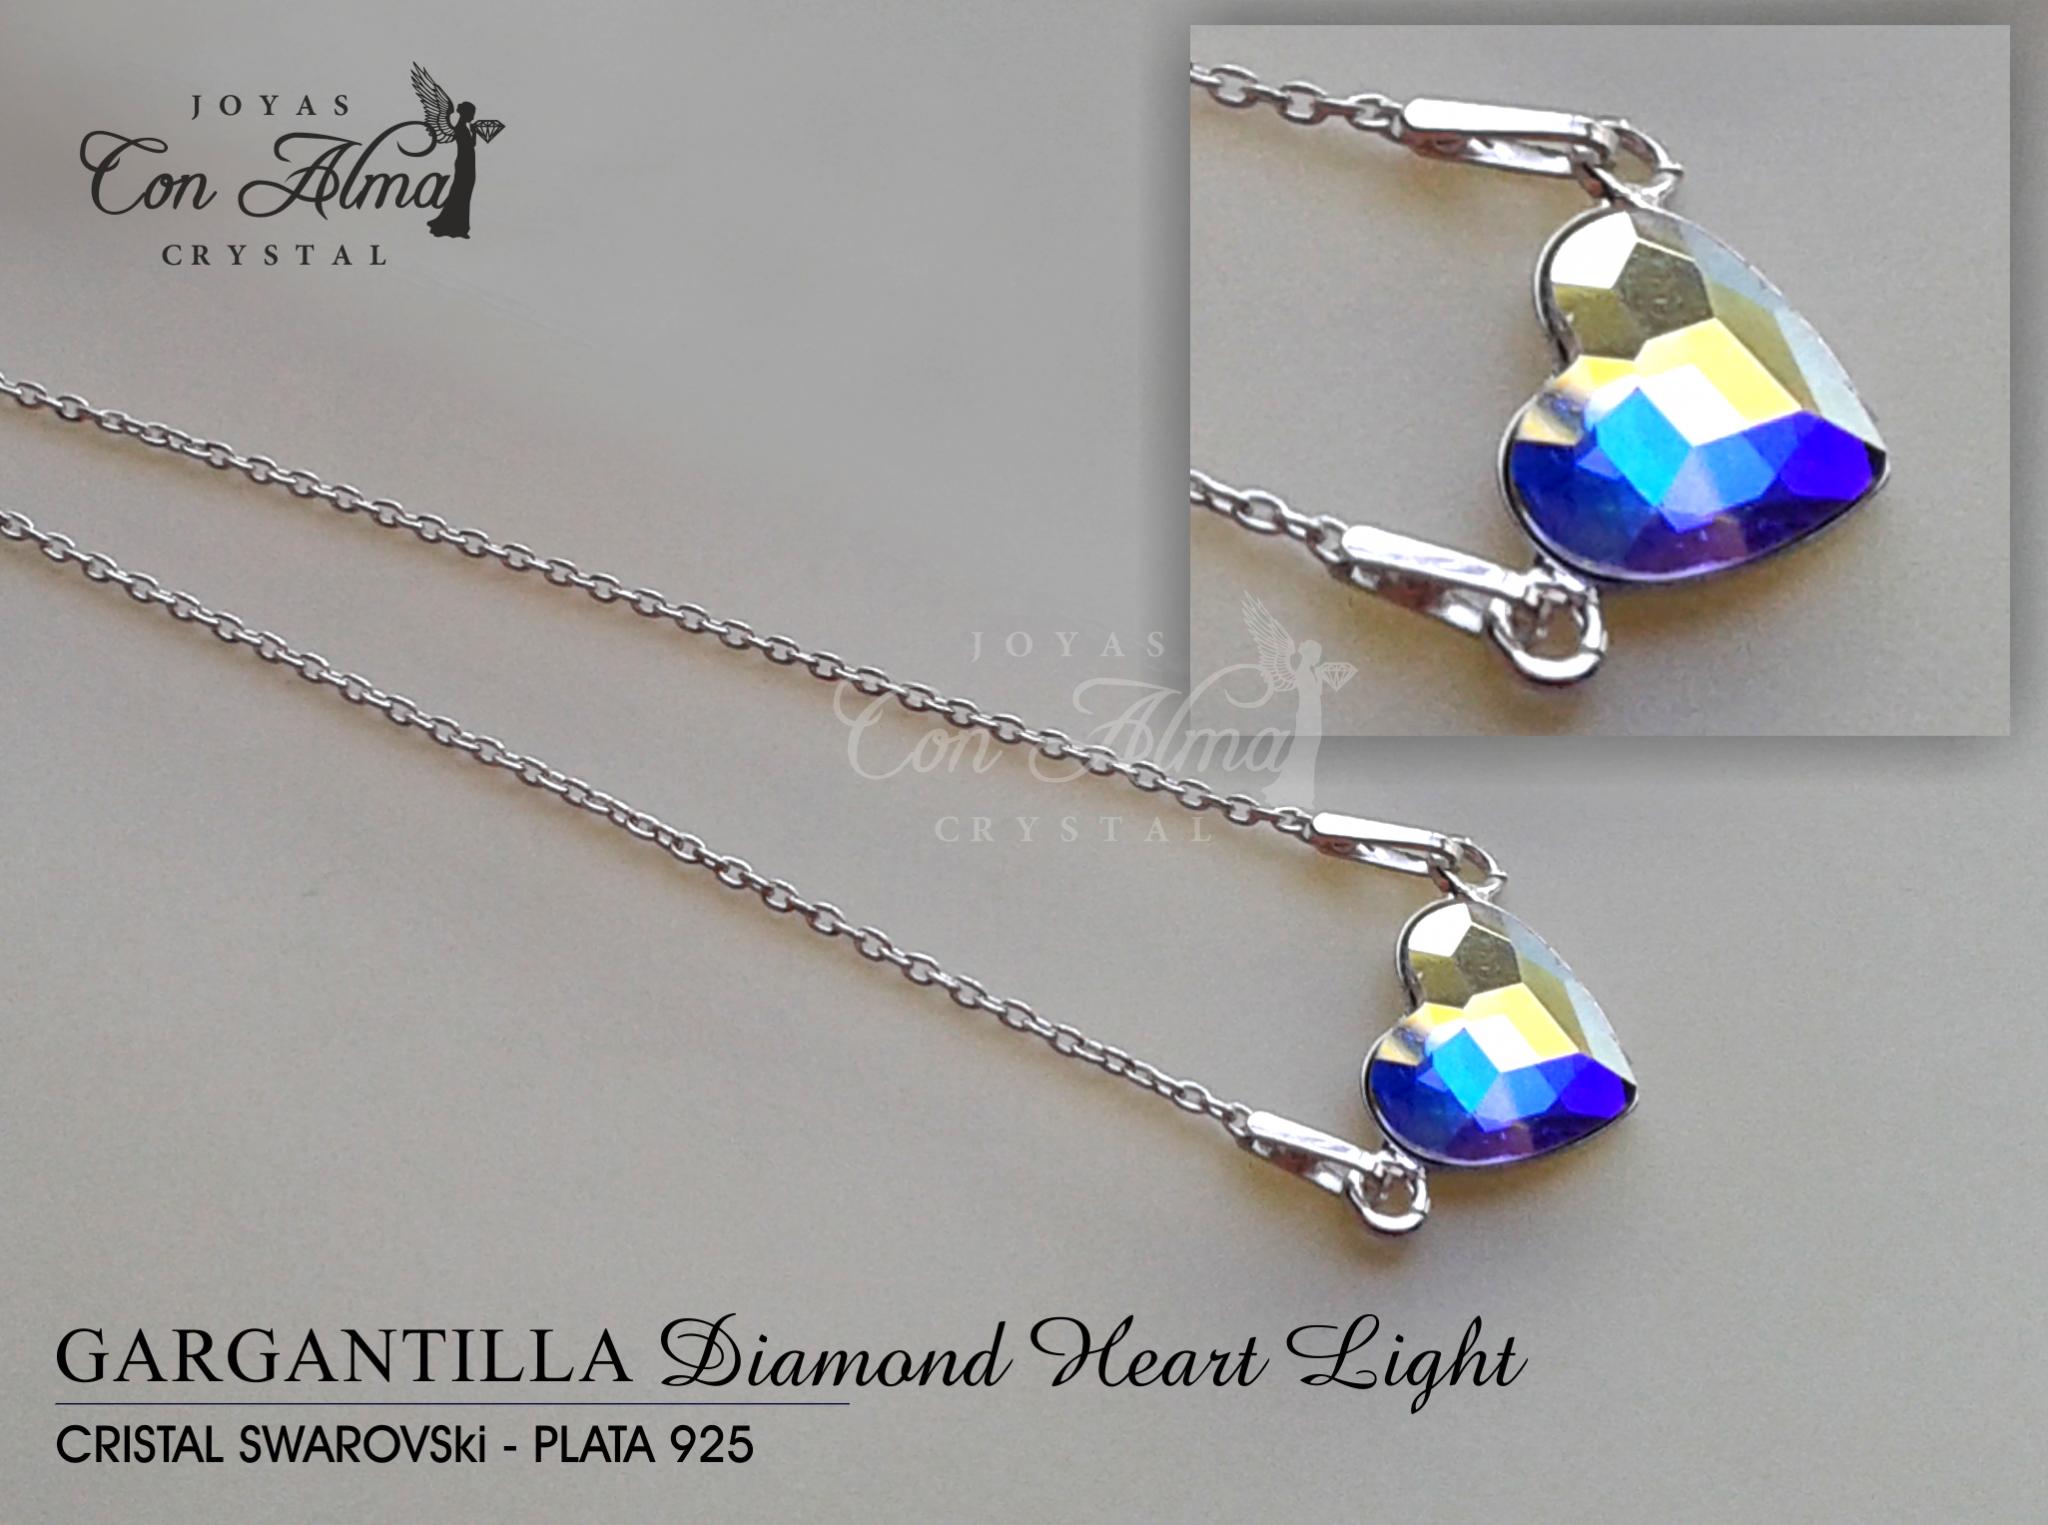 Gargantilla Diamond light 34,99 €